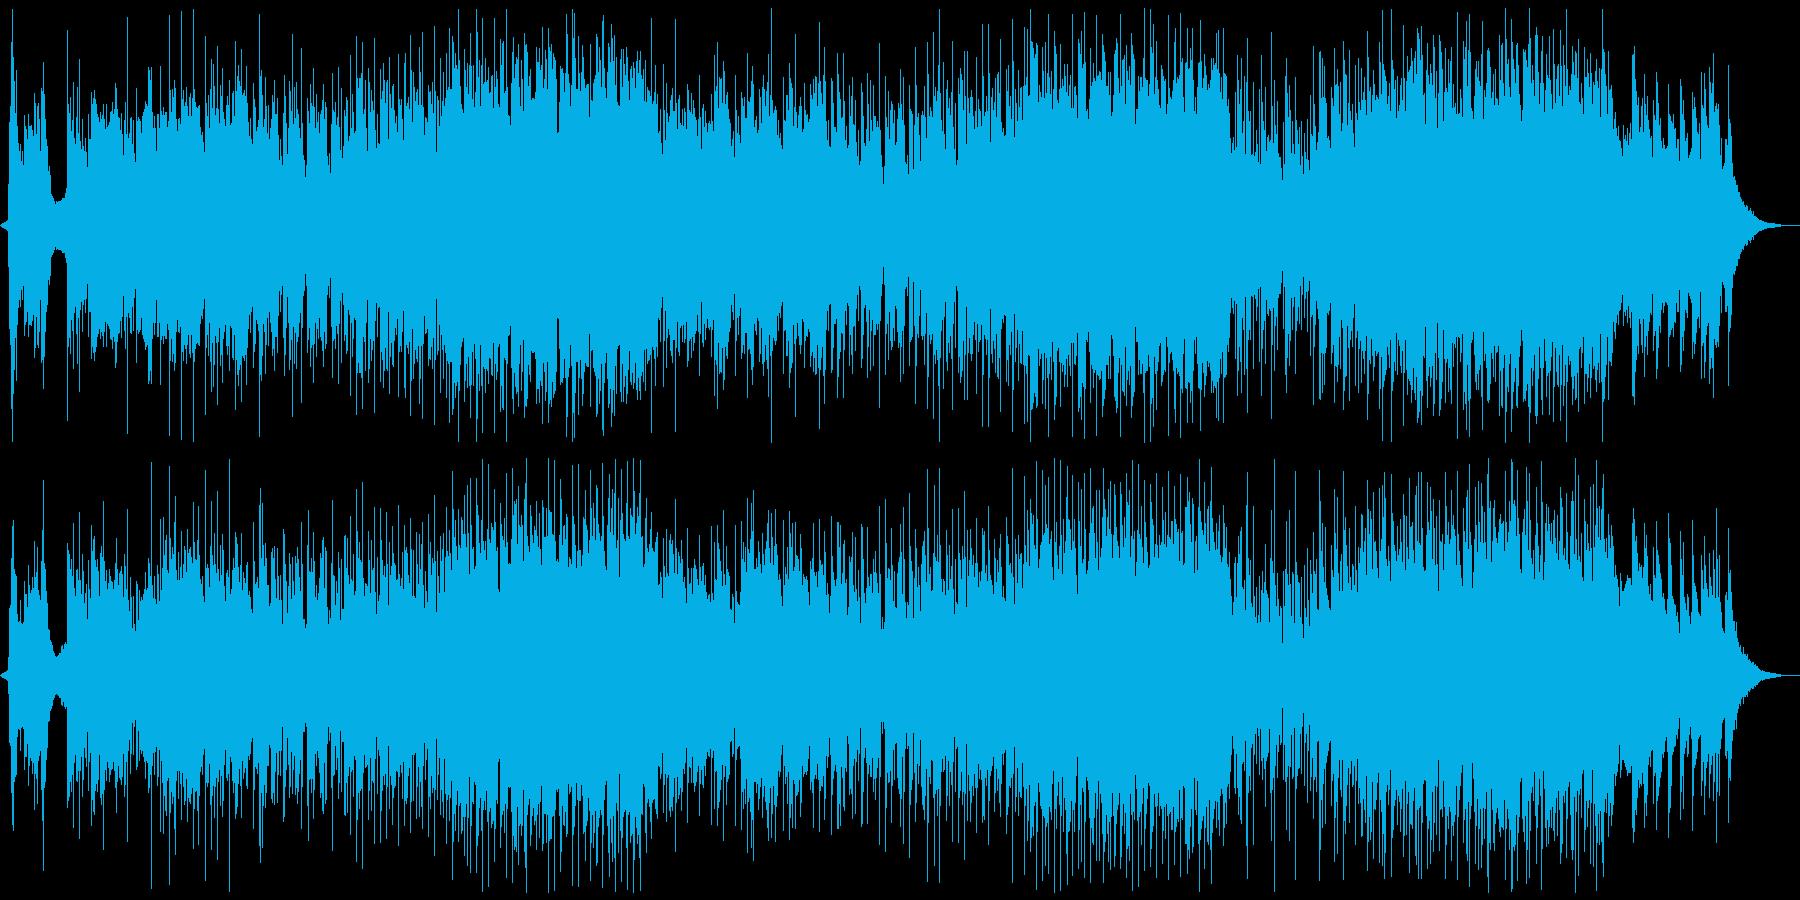 クールジャパン!和楽器の現代テクノ音楽の再生済みの波形